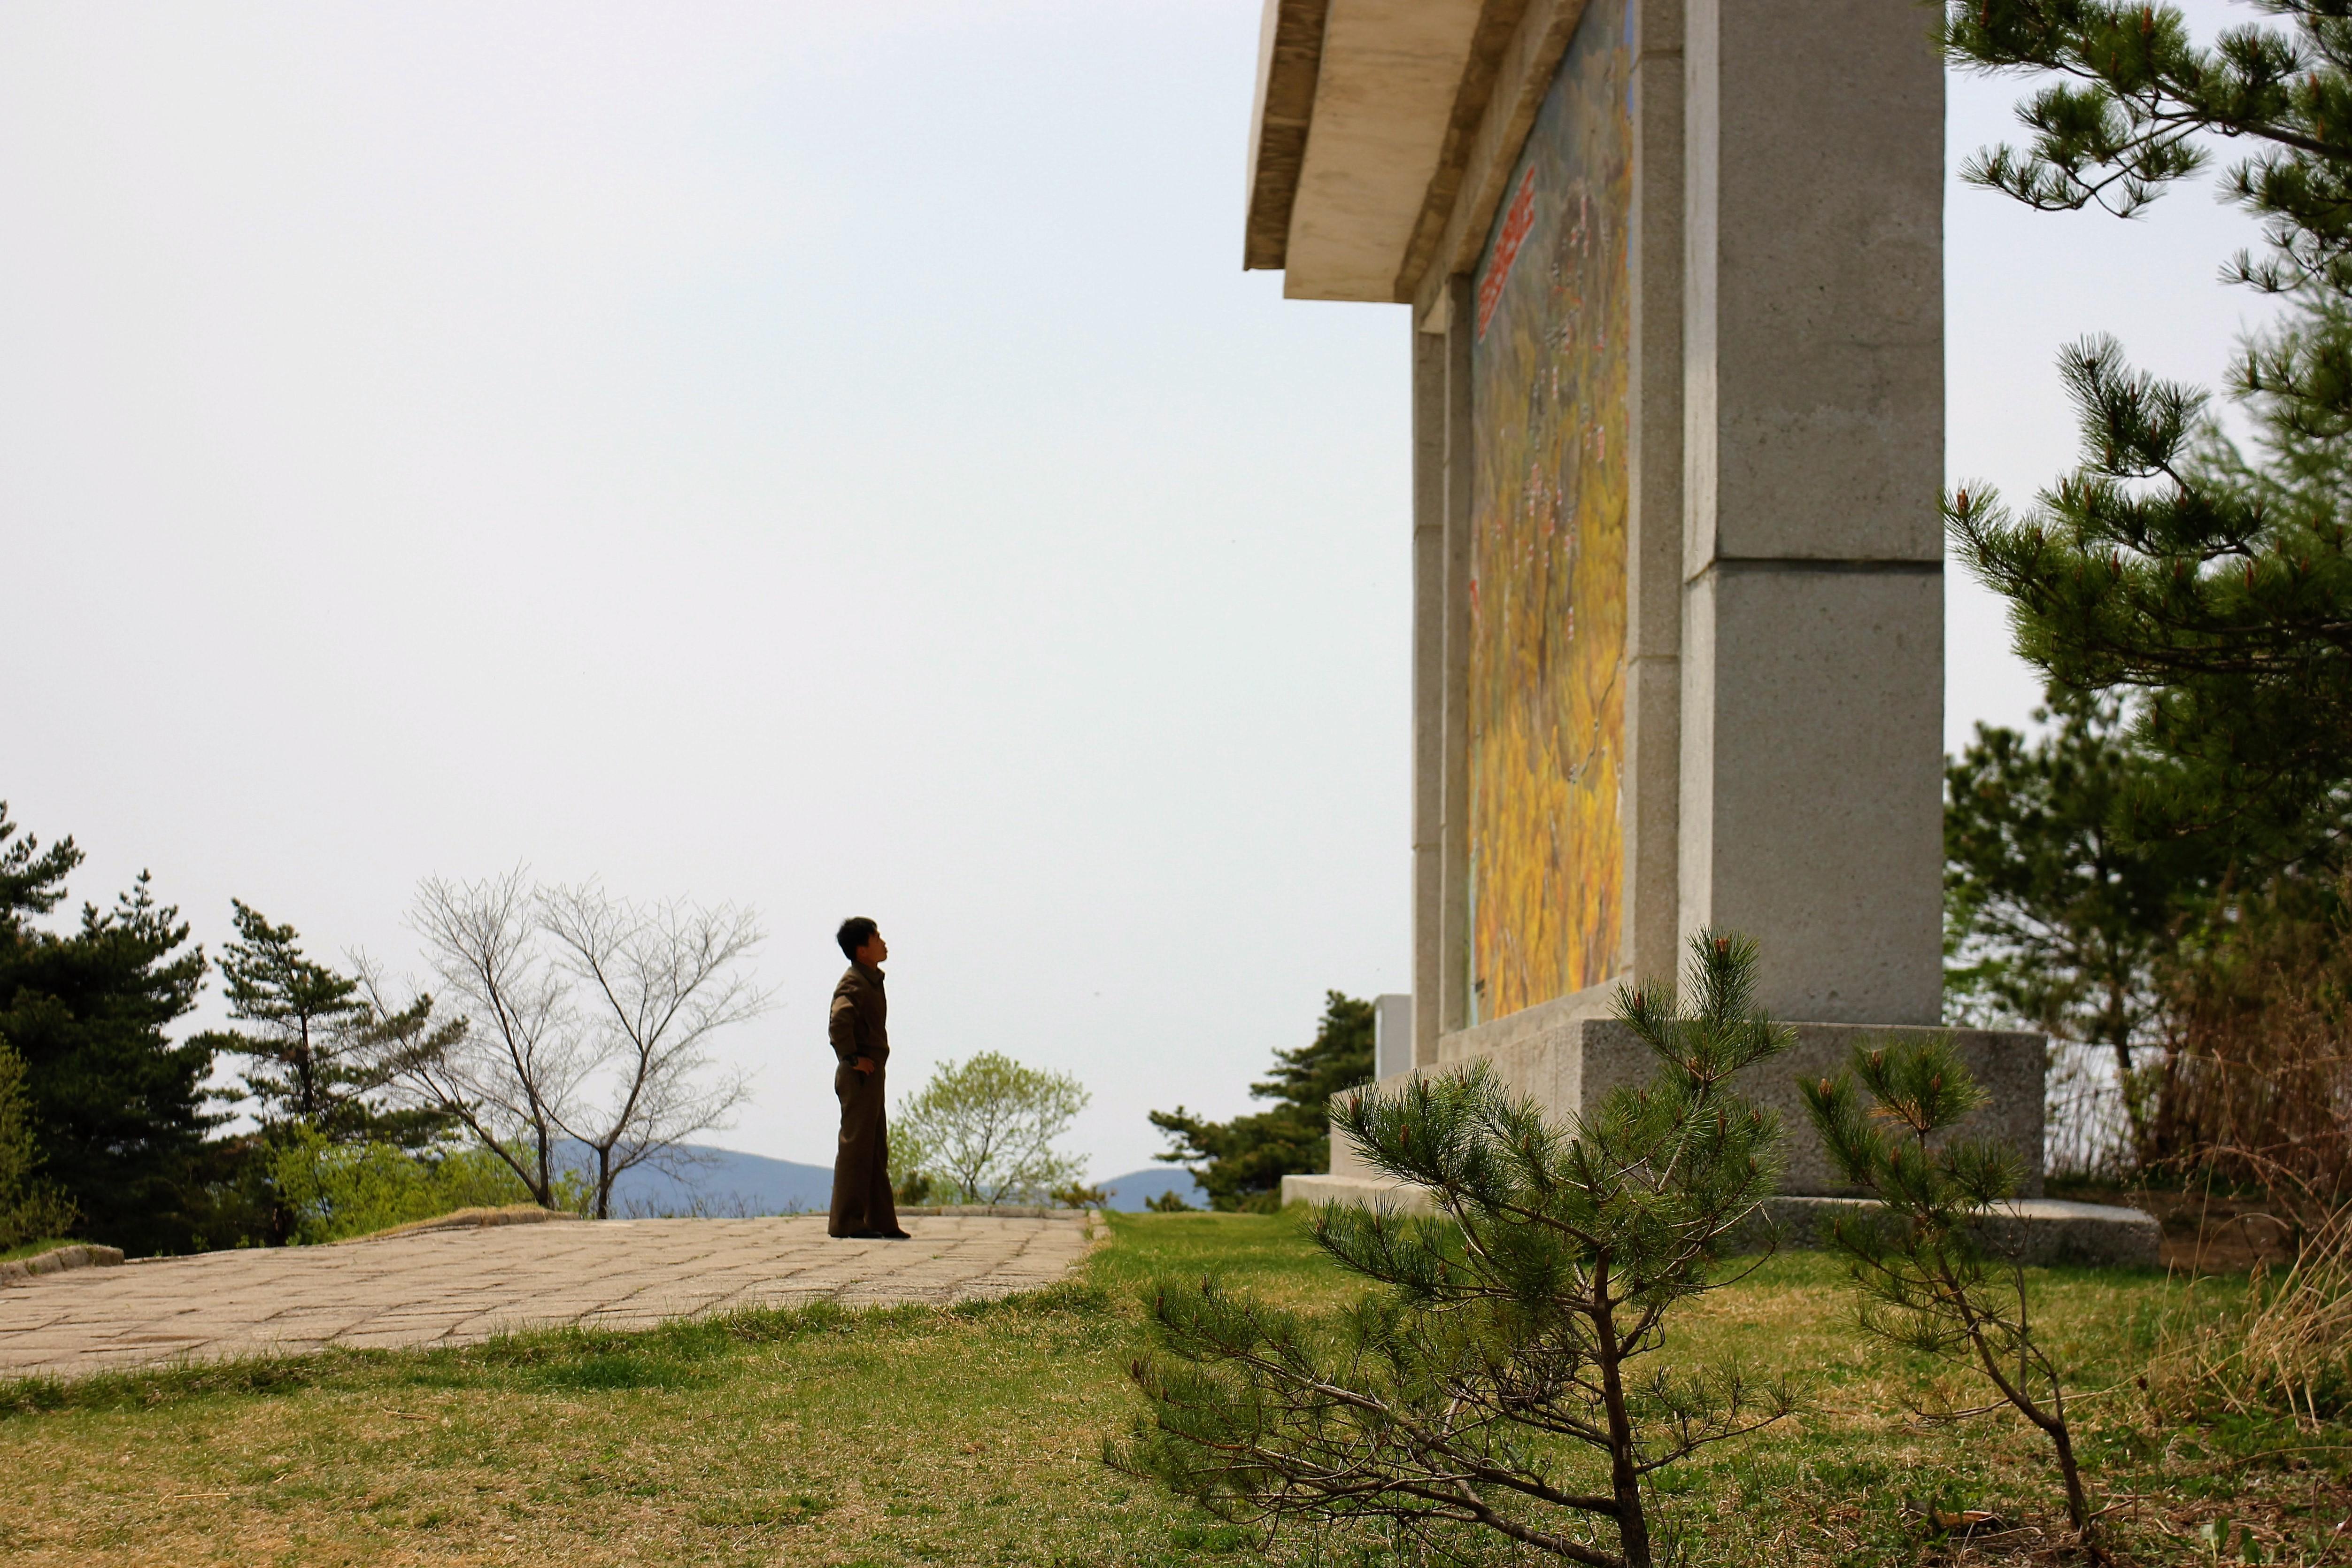 Северная Корея. Информационный стенд